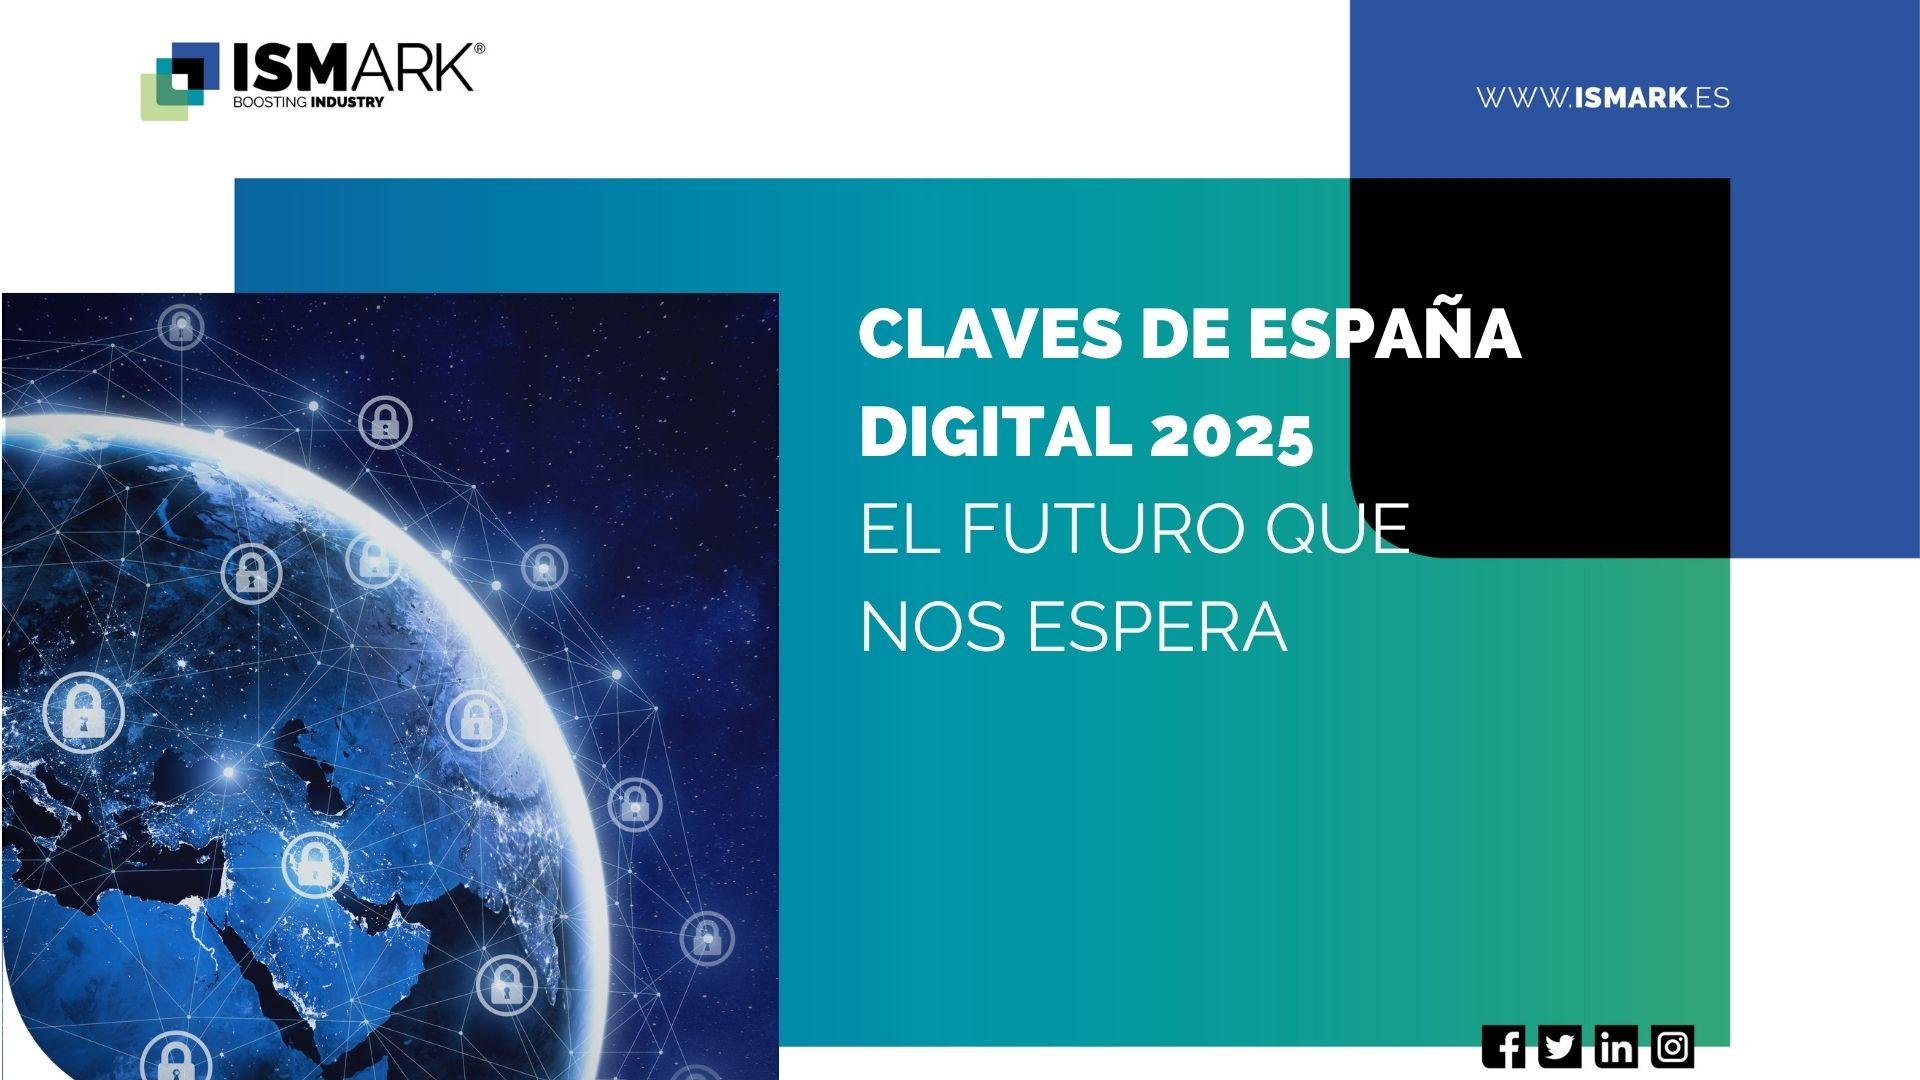 Claves-de-España-Digital-2025